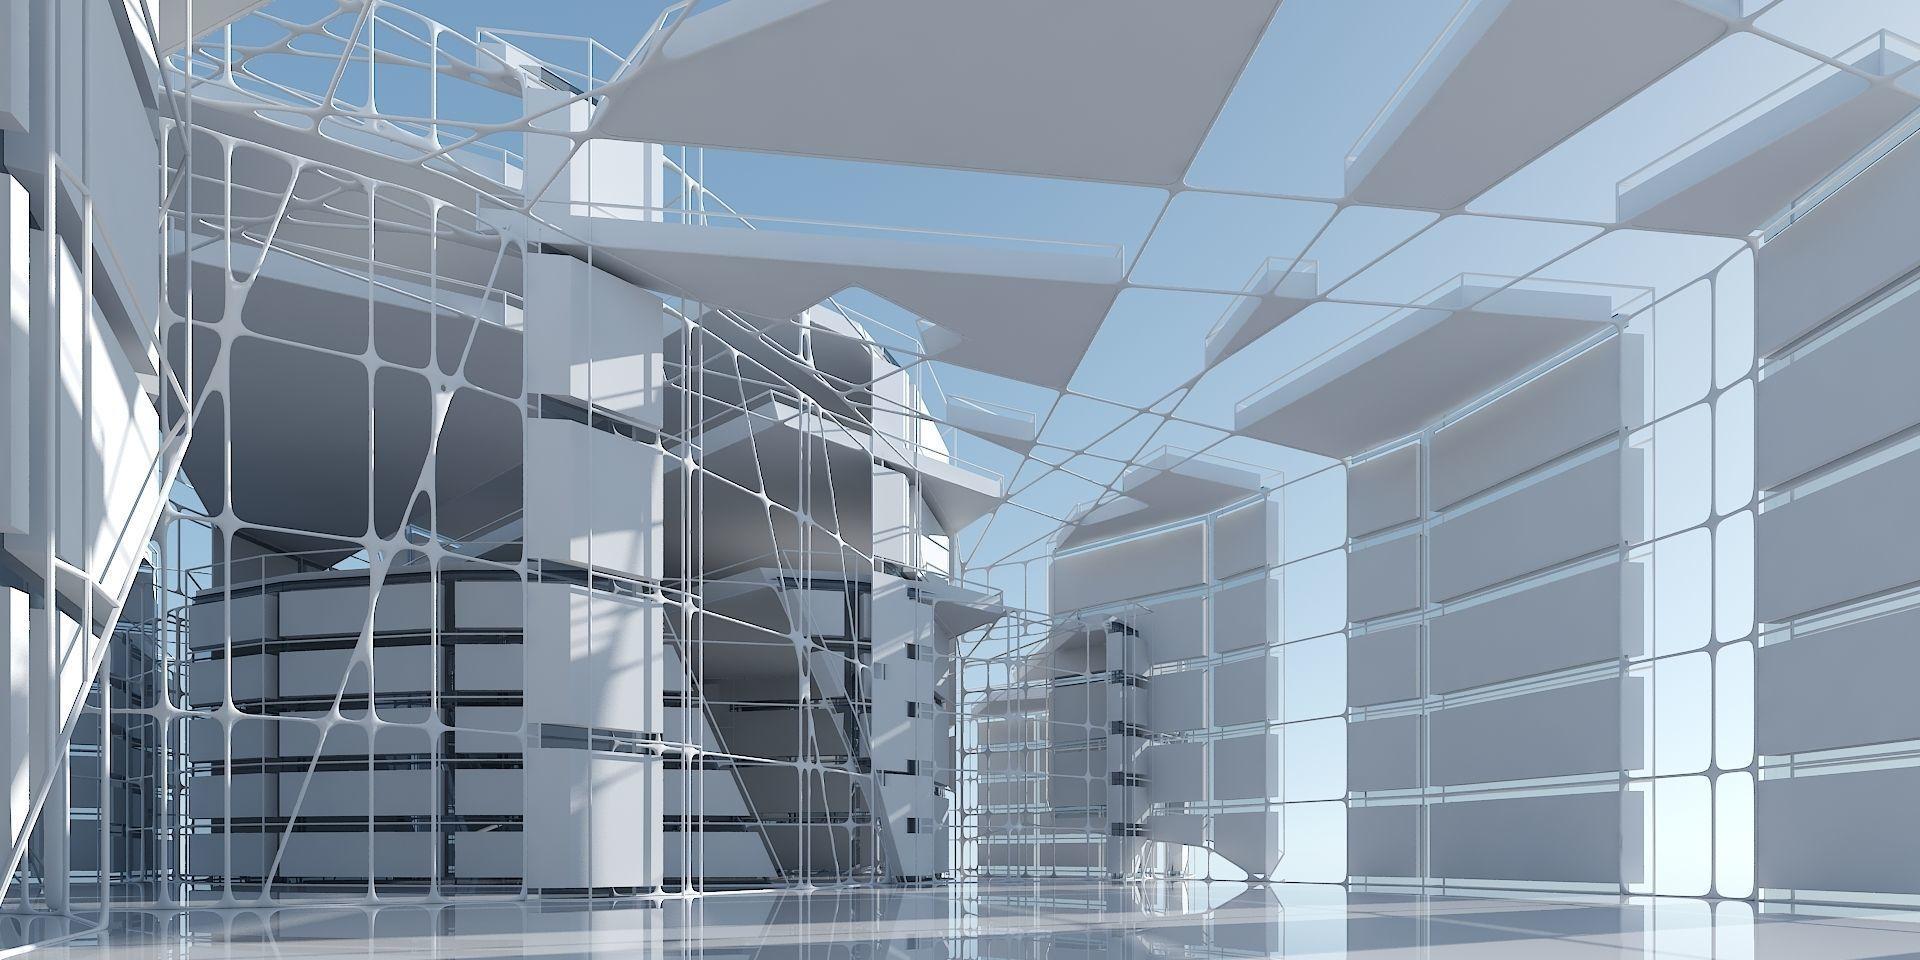 Futuristic Architectural Interior 13